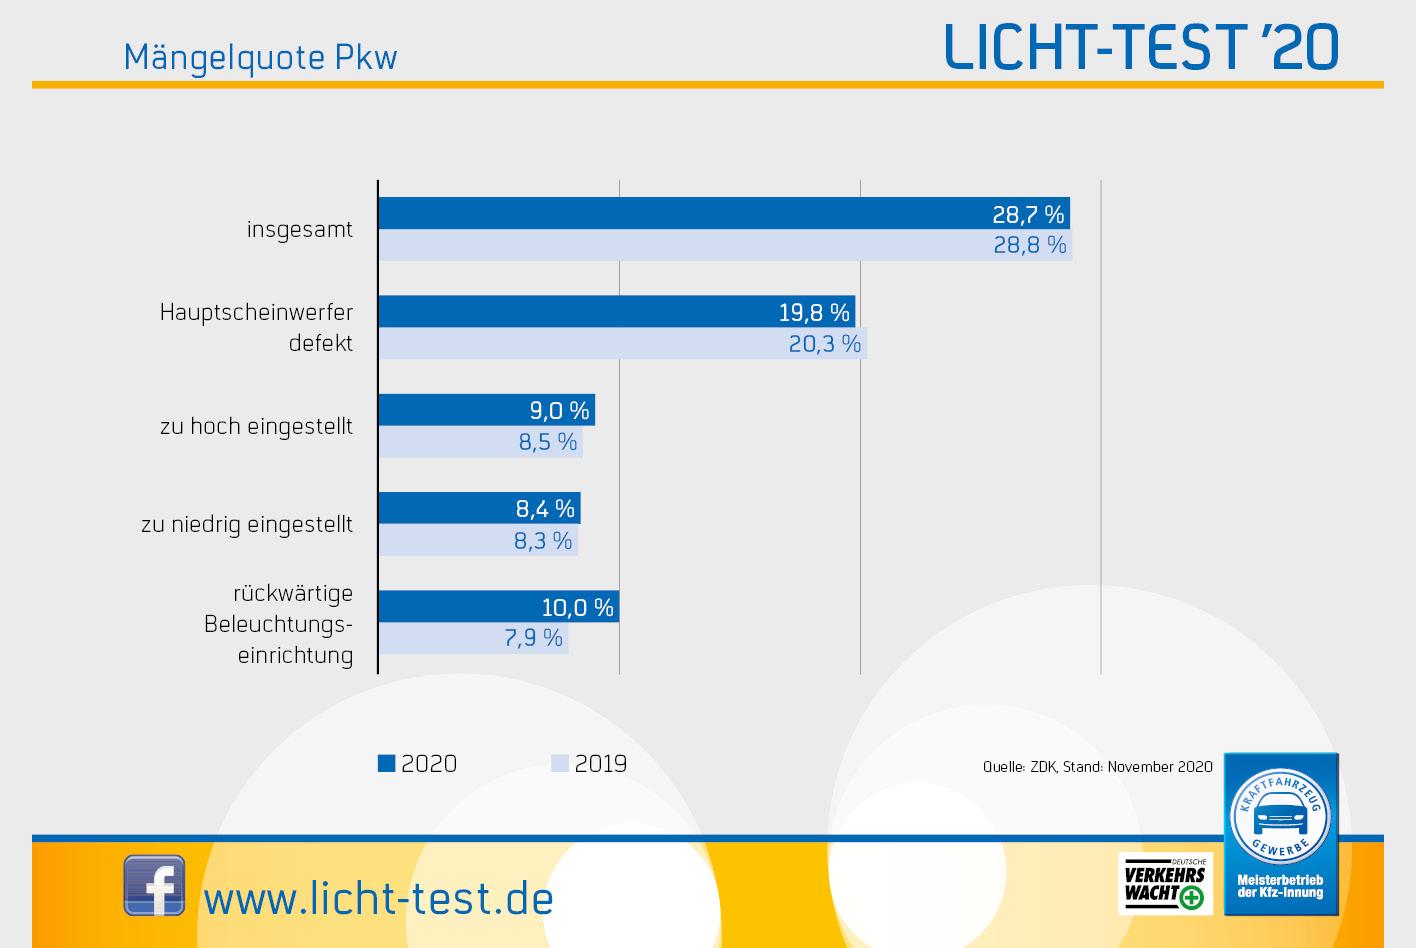 Mängelquote bei Pkw Hauptscheinwerfer am häufigsten defekt